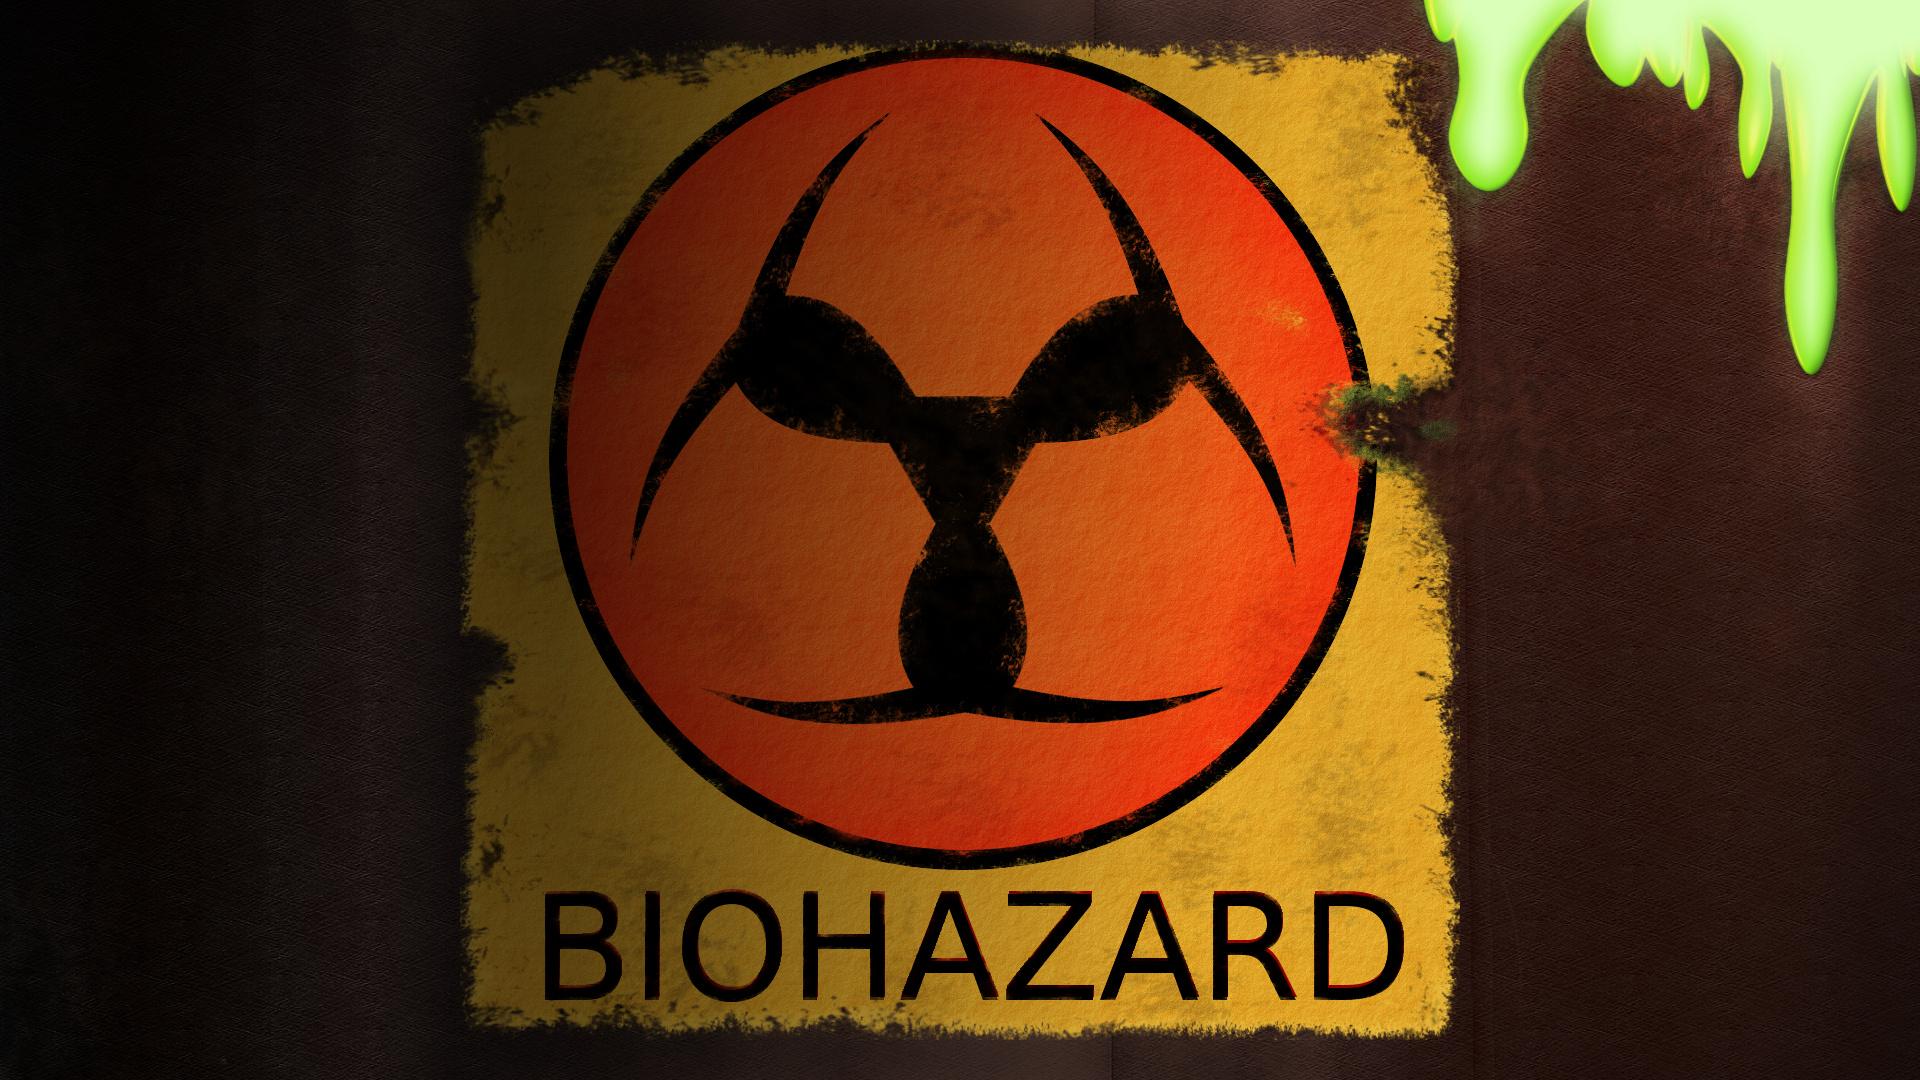 biohazard wallpaper image - le fancy wallpapers - mod db